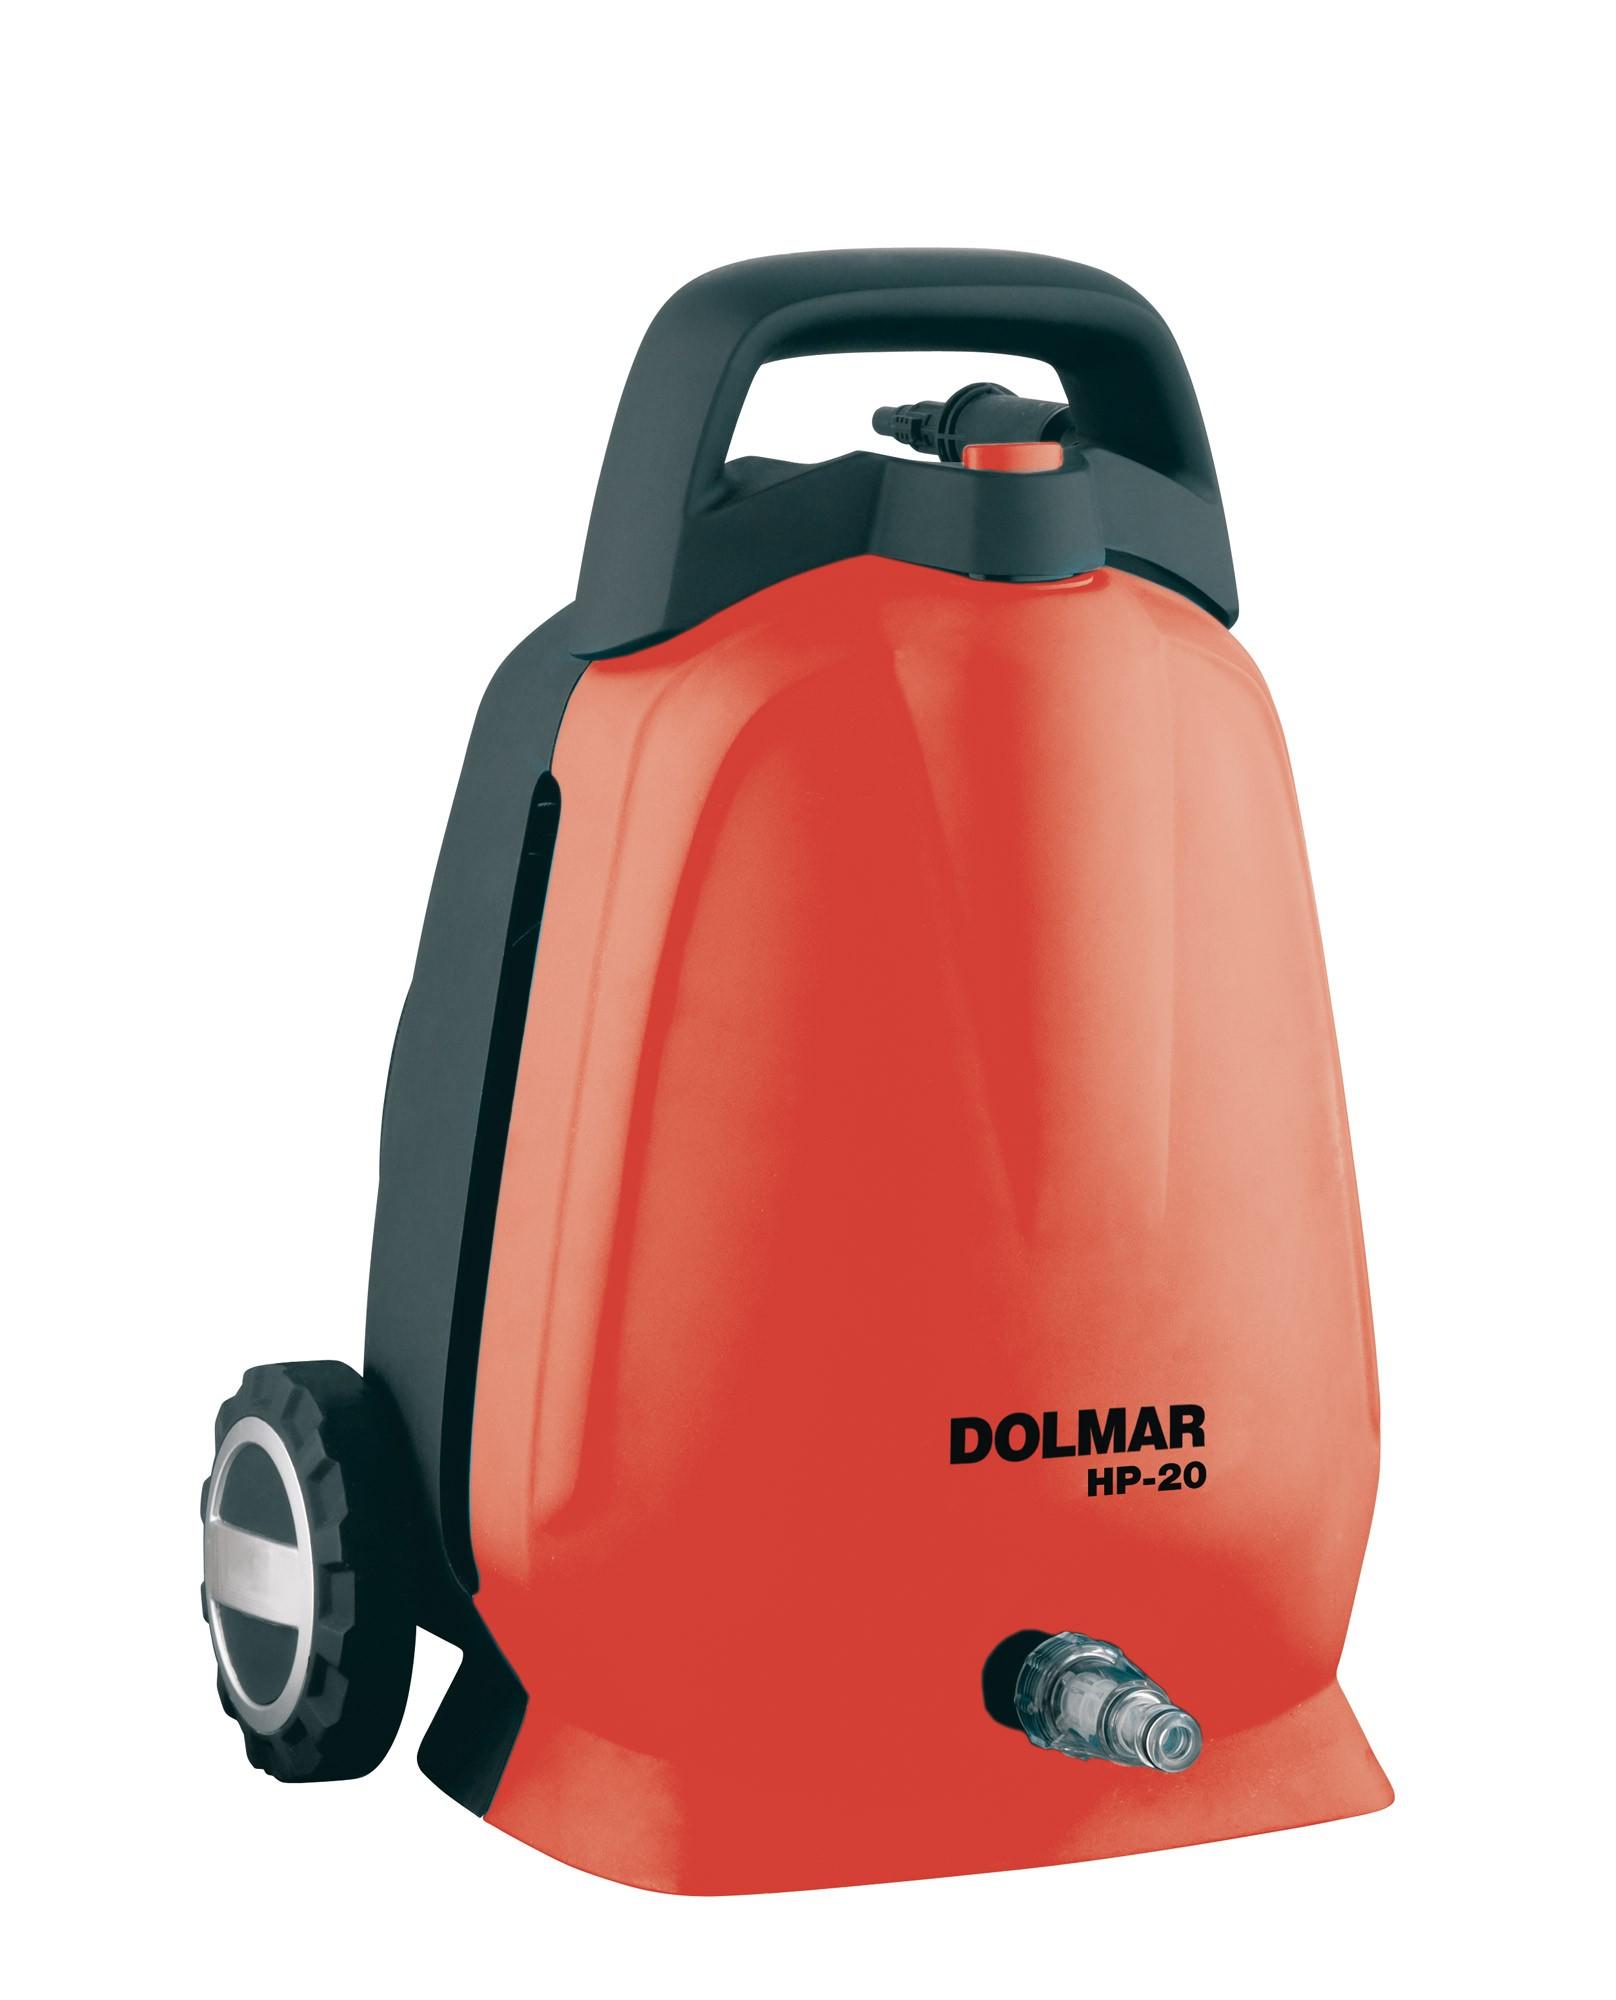 Hochdruckreiniger Dolmar HP20 100 bar Bild 1